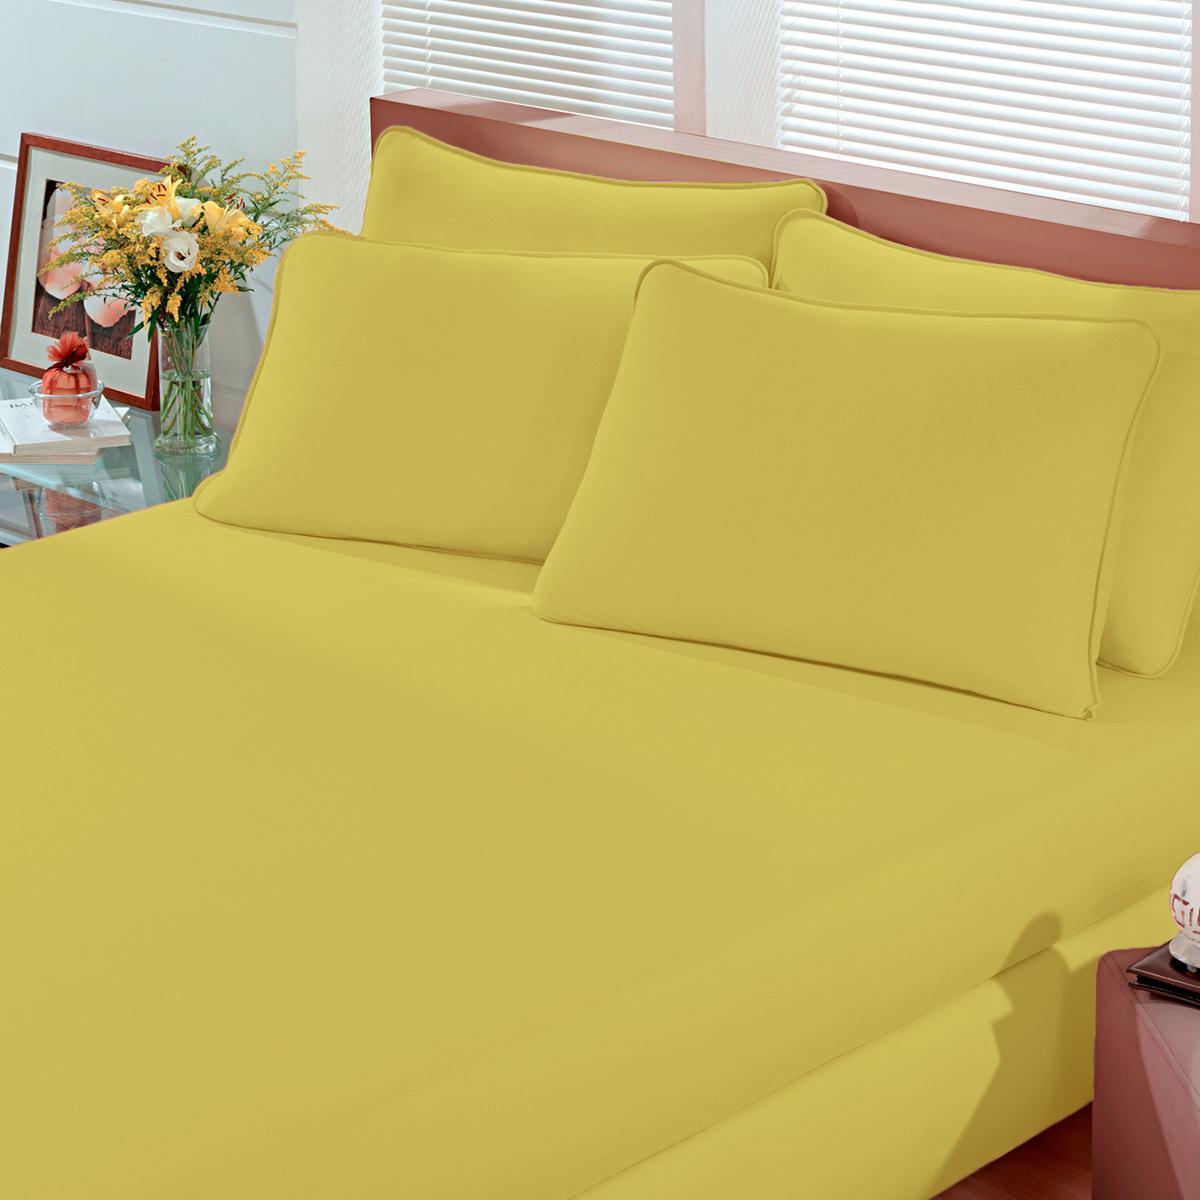 Lençol Avulso Casal Malha Com Elastico Amarelo Mel Bouton